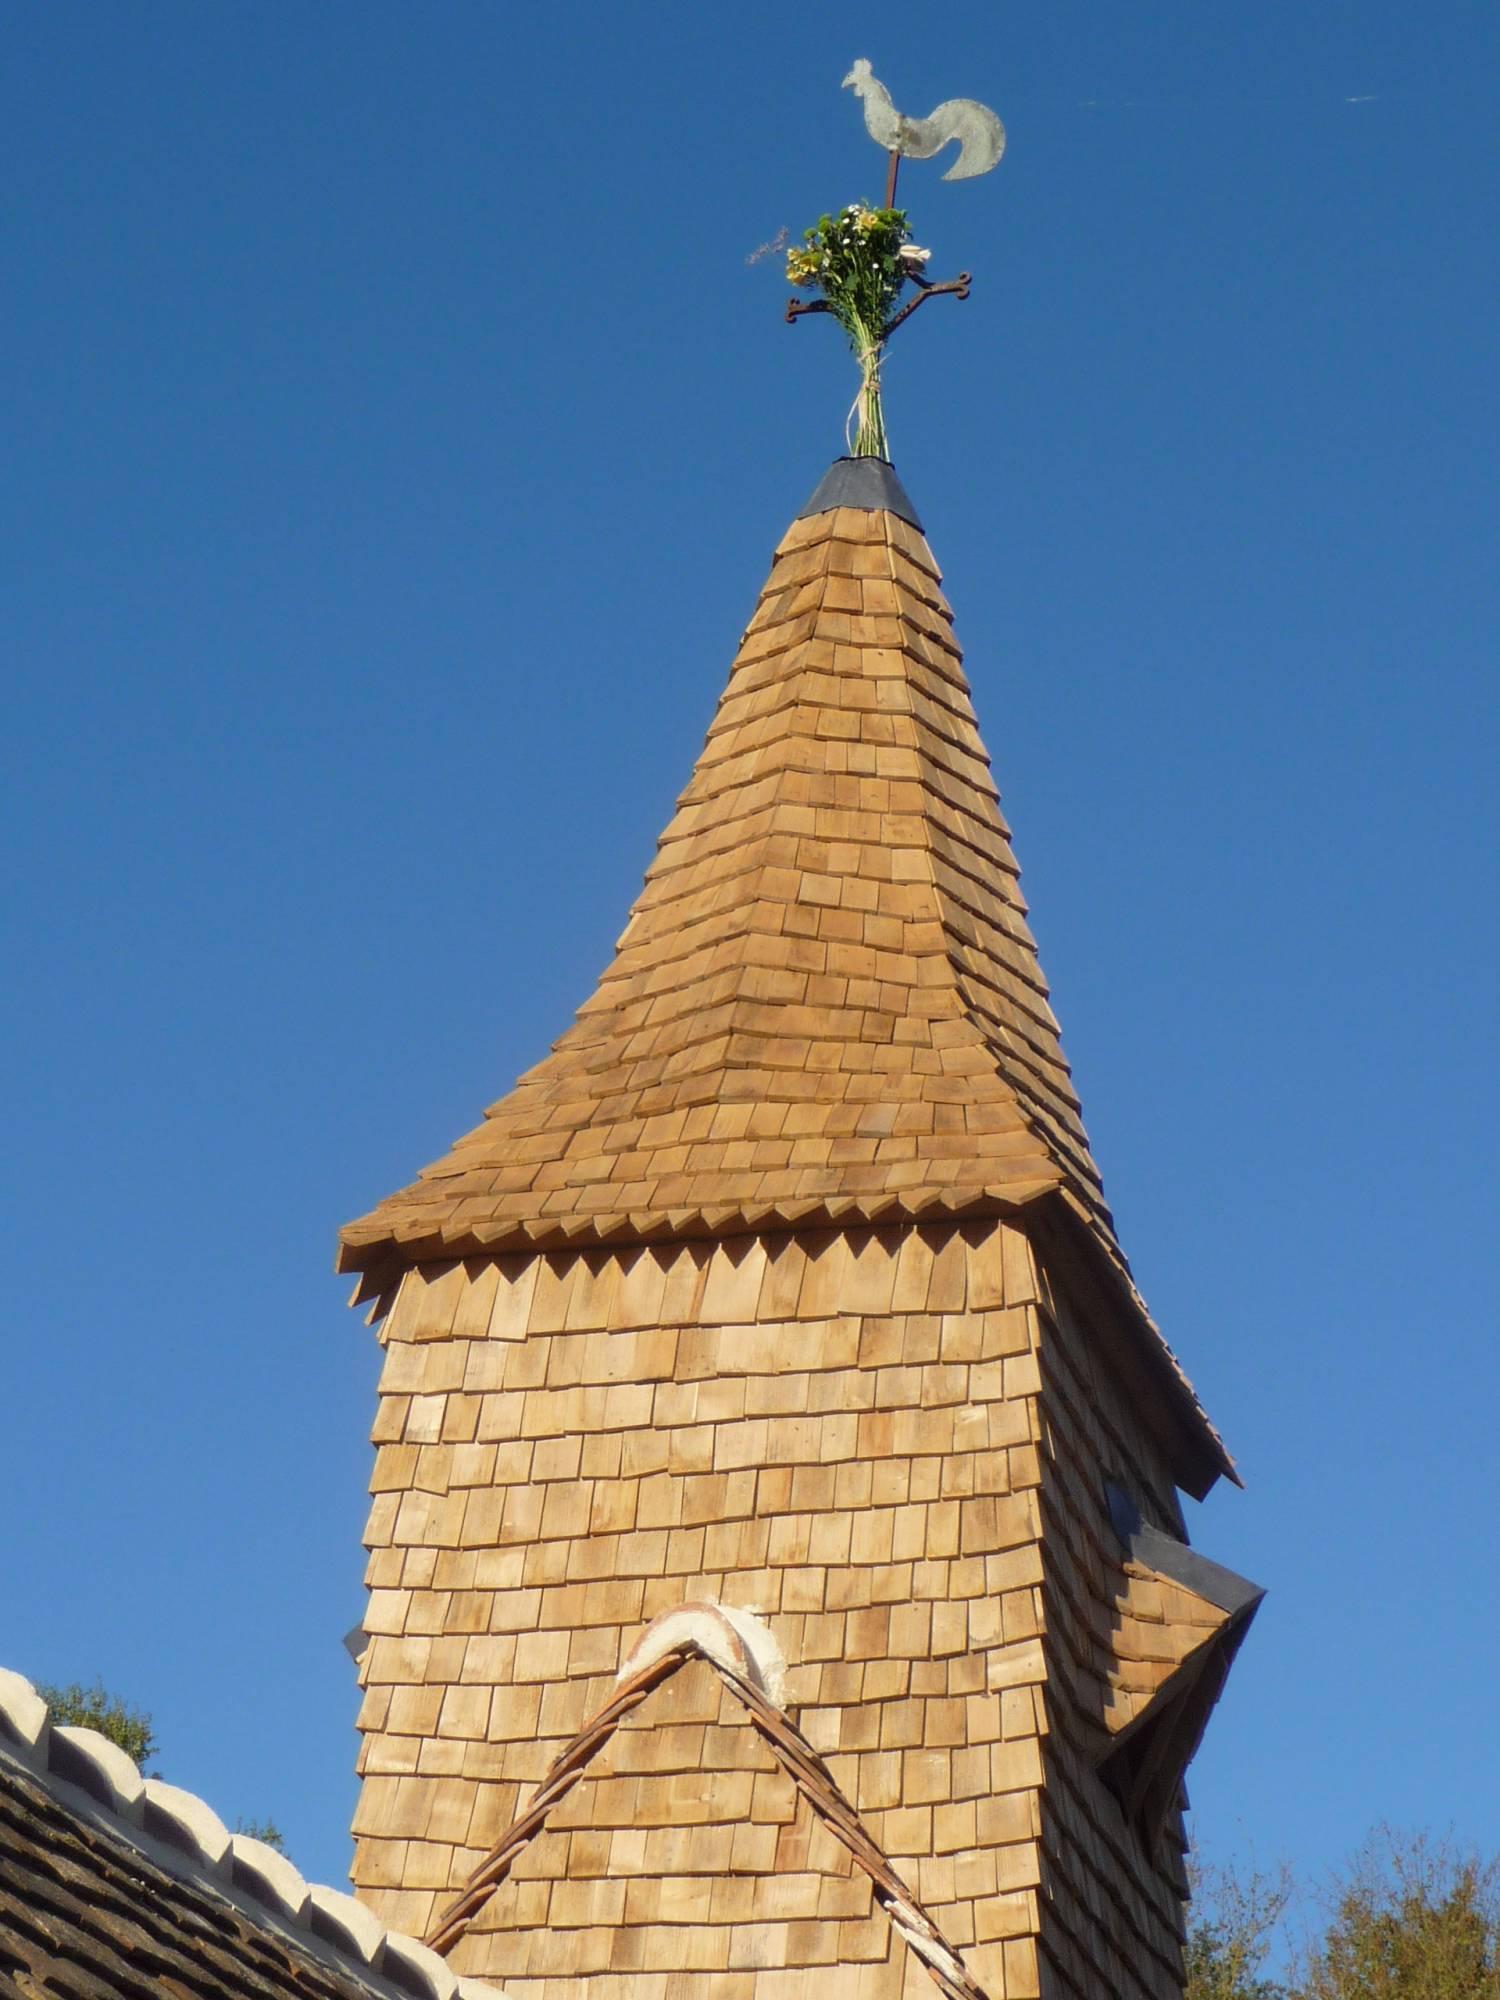 Saint-Geprges-de-la-Couée (72) Chapelle Saint-Fraimbault - Sauvegarde de l'Art Français